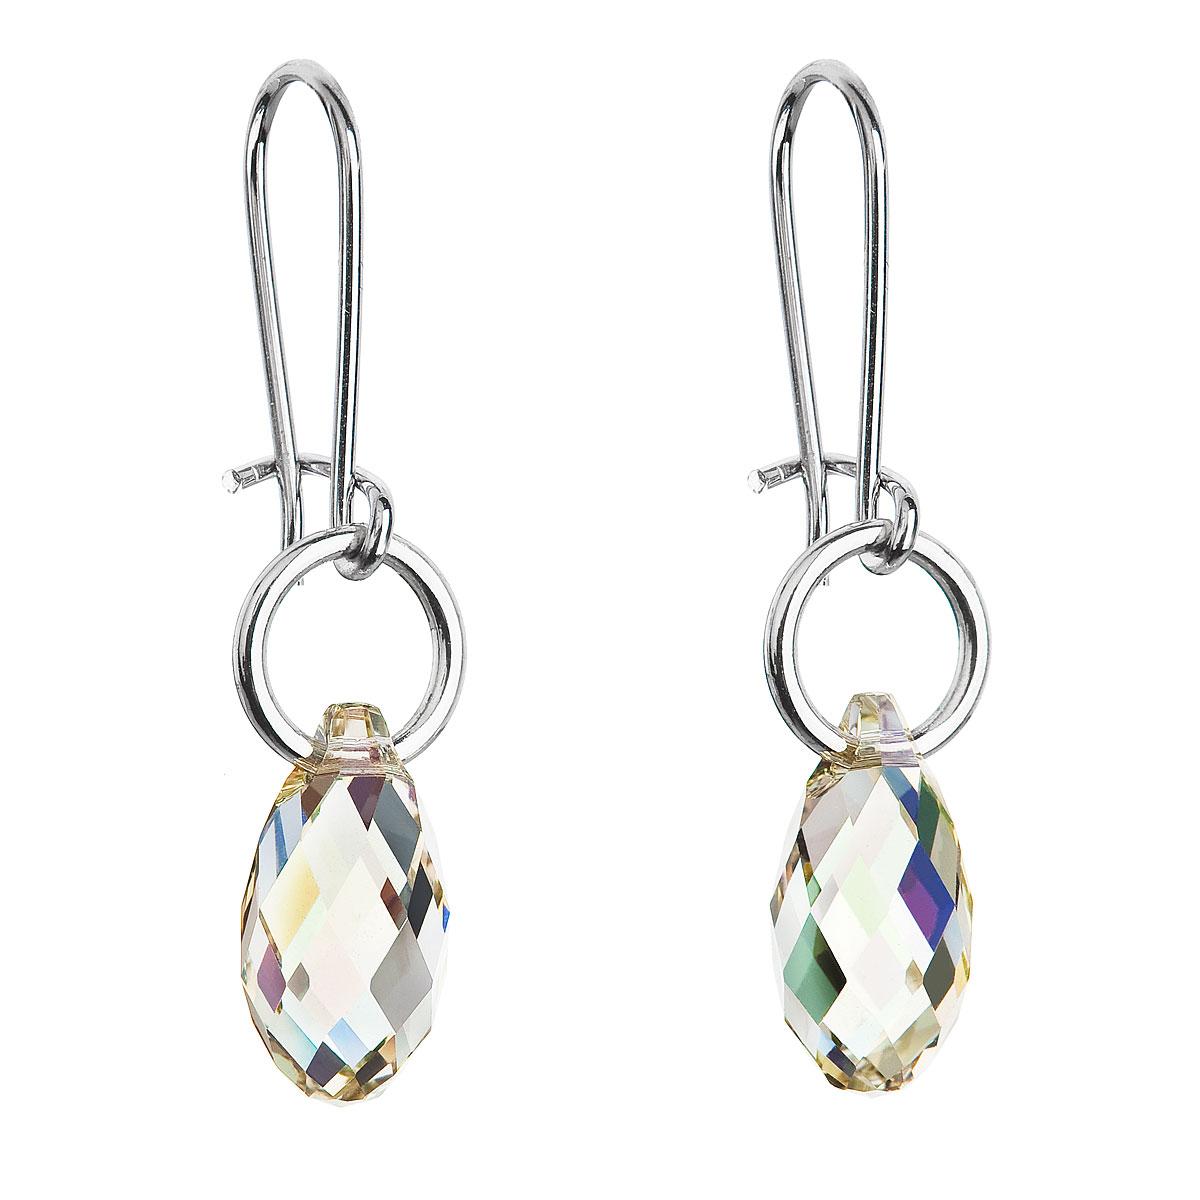 Náušnice se Swarovski krystaly slza 56004.6